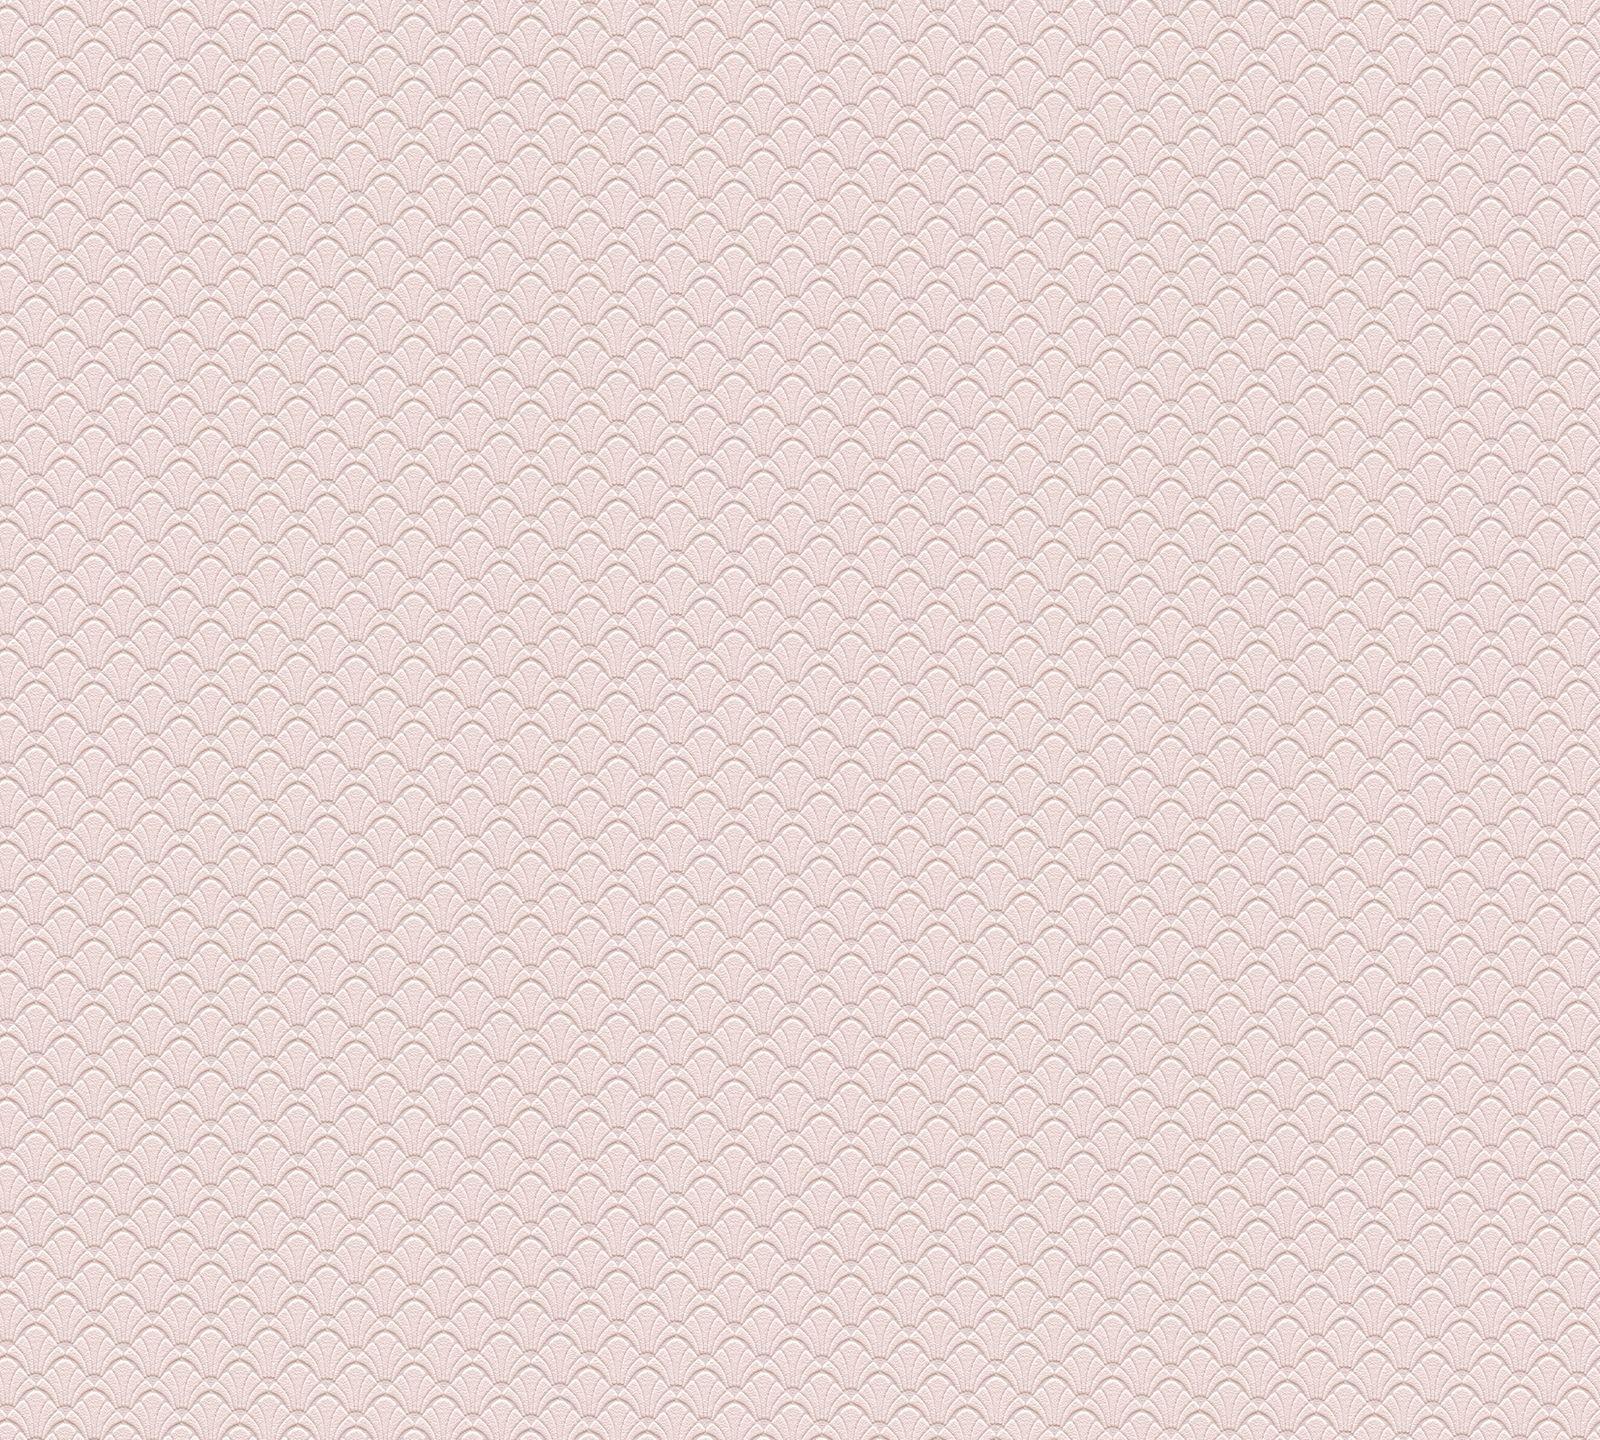 Full Size of Teppich Joop Vliestapete Jette Muschel Muster Rosa 37364 2 Bad Esstisch Betten Wohnzimmer Teppiche Küche Schlafzimmer Steinteppich Badezimmer Für Wohnzimmer Teppich Joop